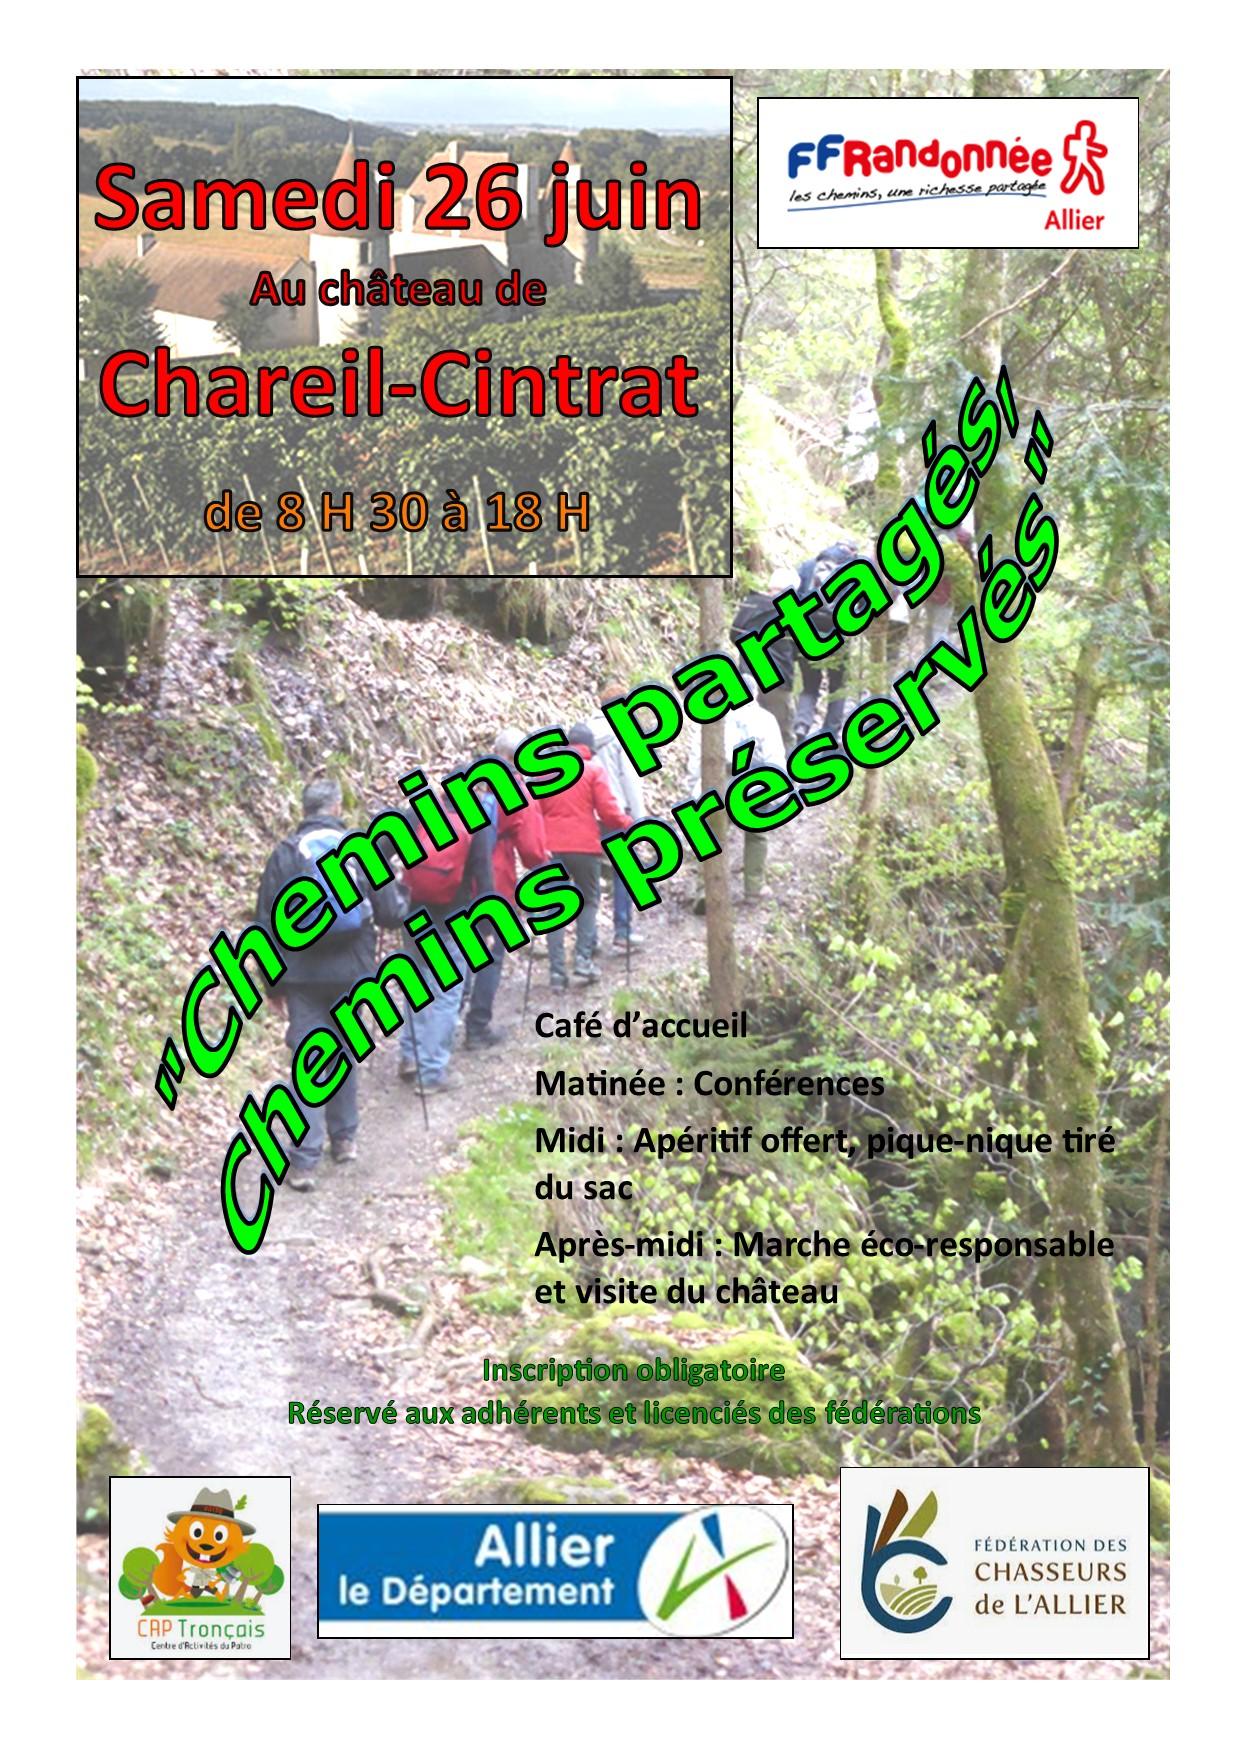 Chemins partagés –Chemins préservés le 26 juin2021 au Château de Chareil -Cintrat